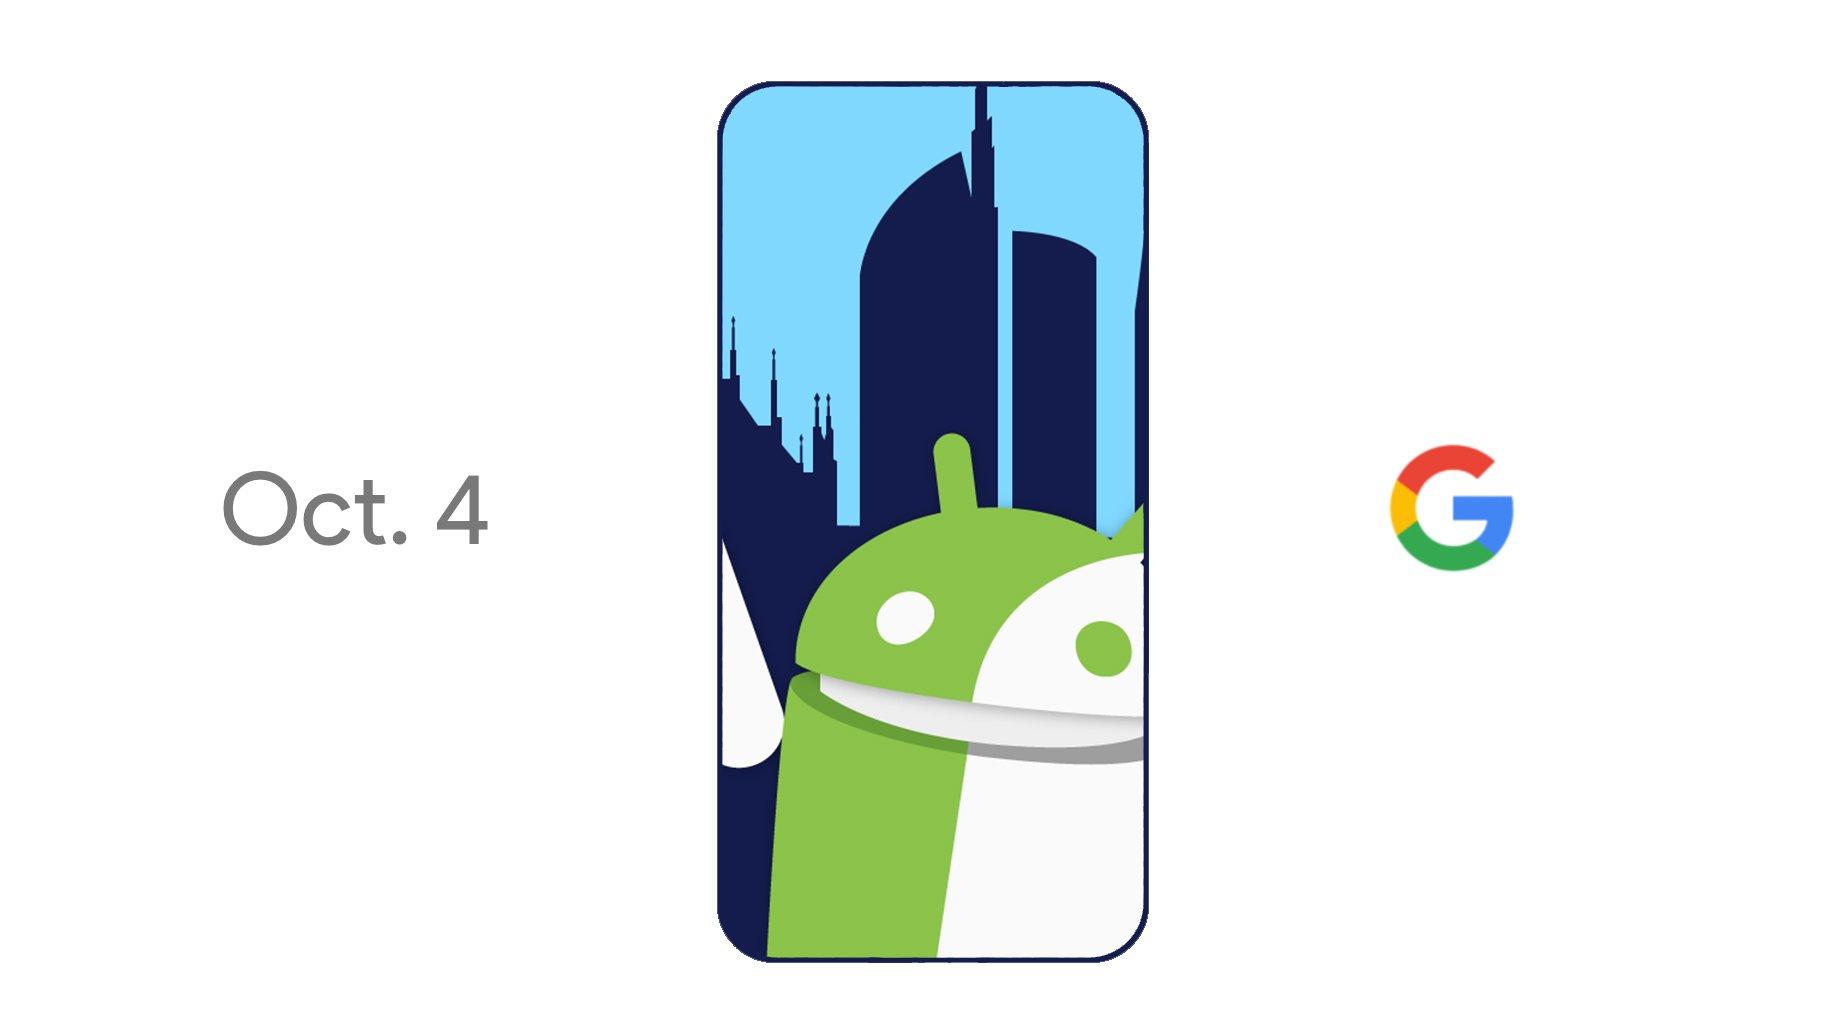 Seguite con il nostro live blog l'evento Google del 4 ottobre: i Pixel sono in arrivo